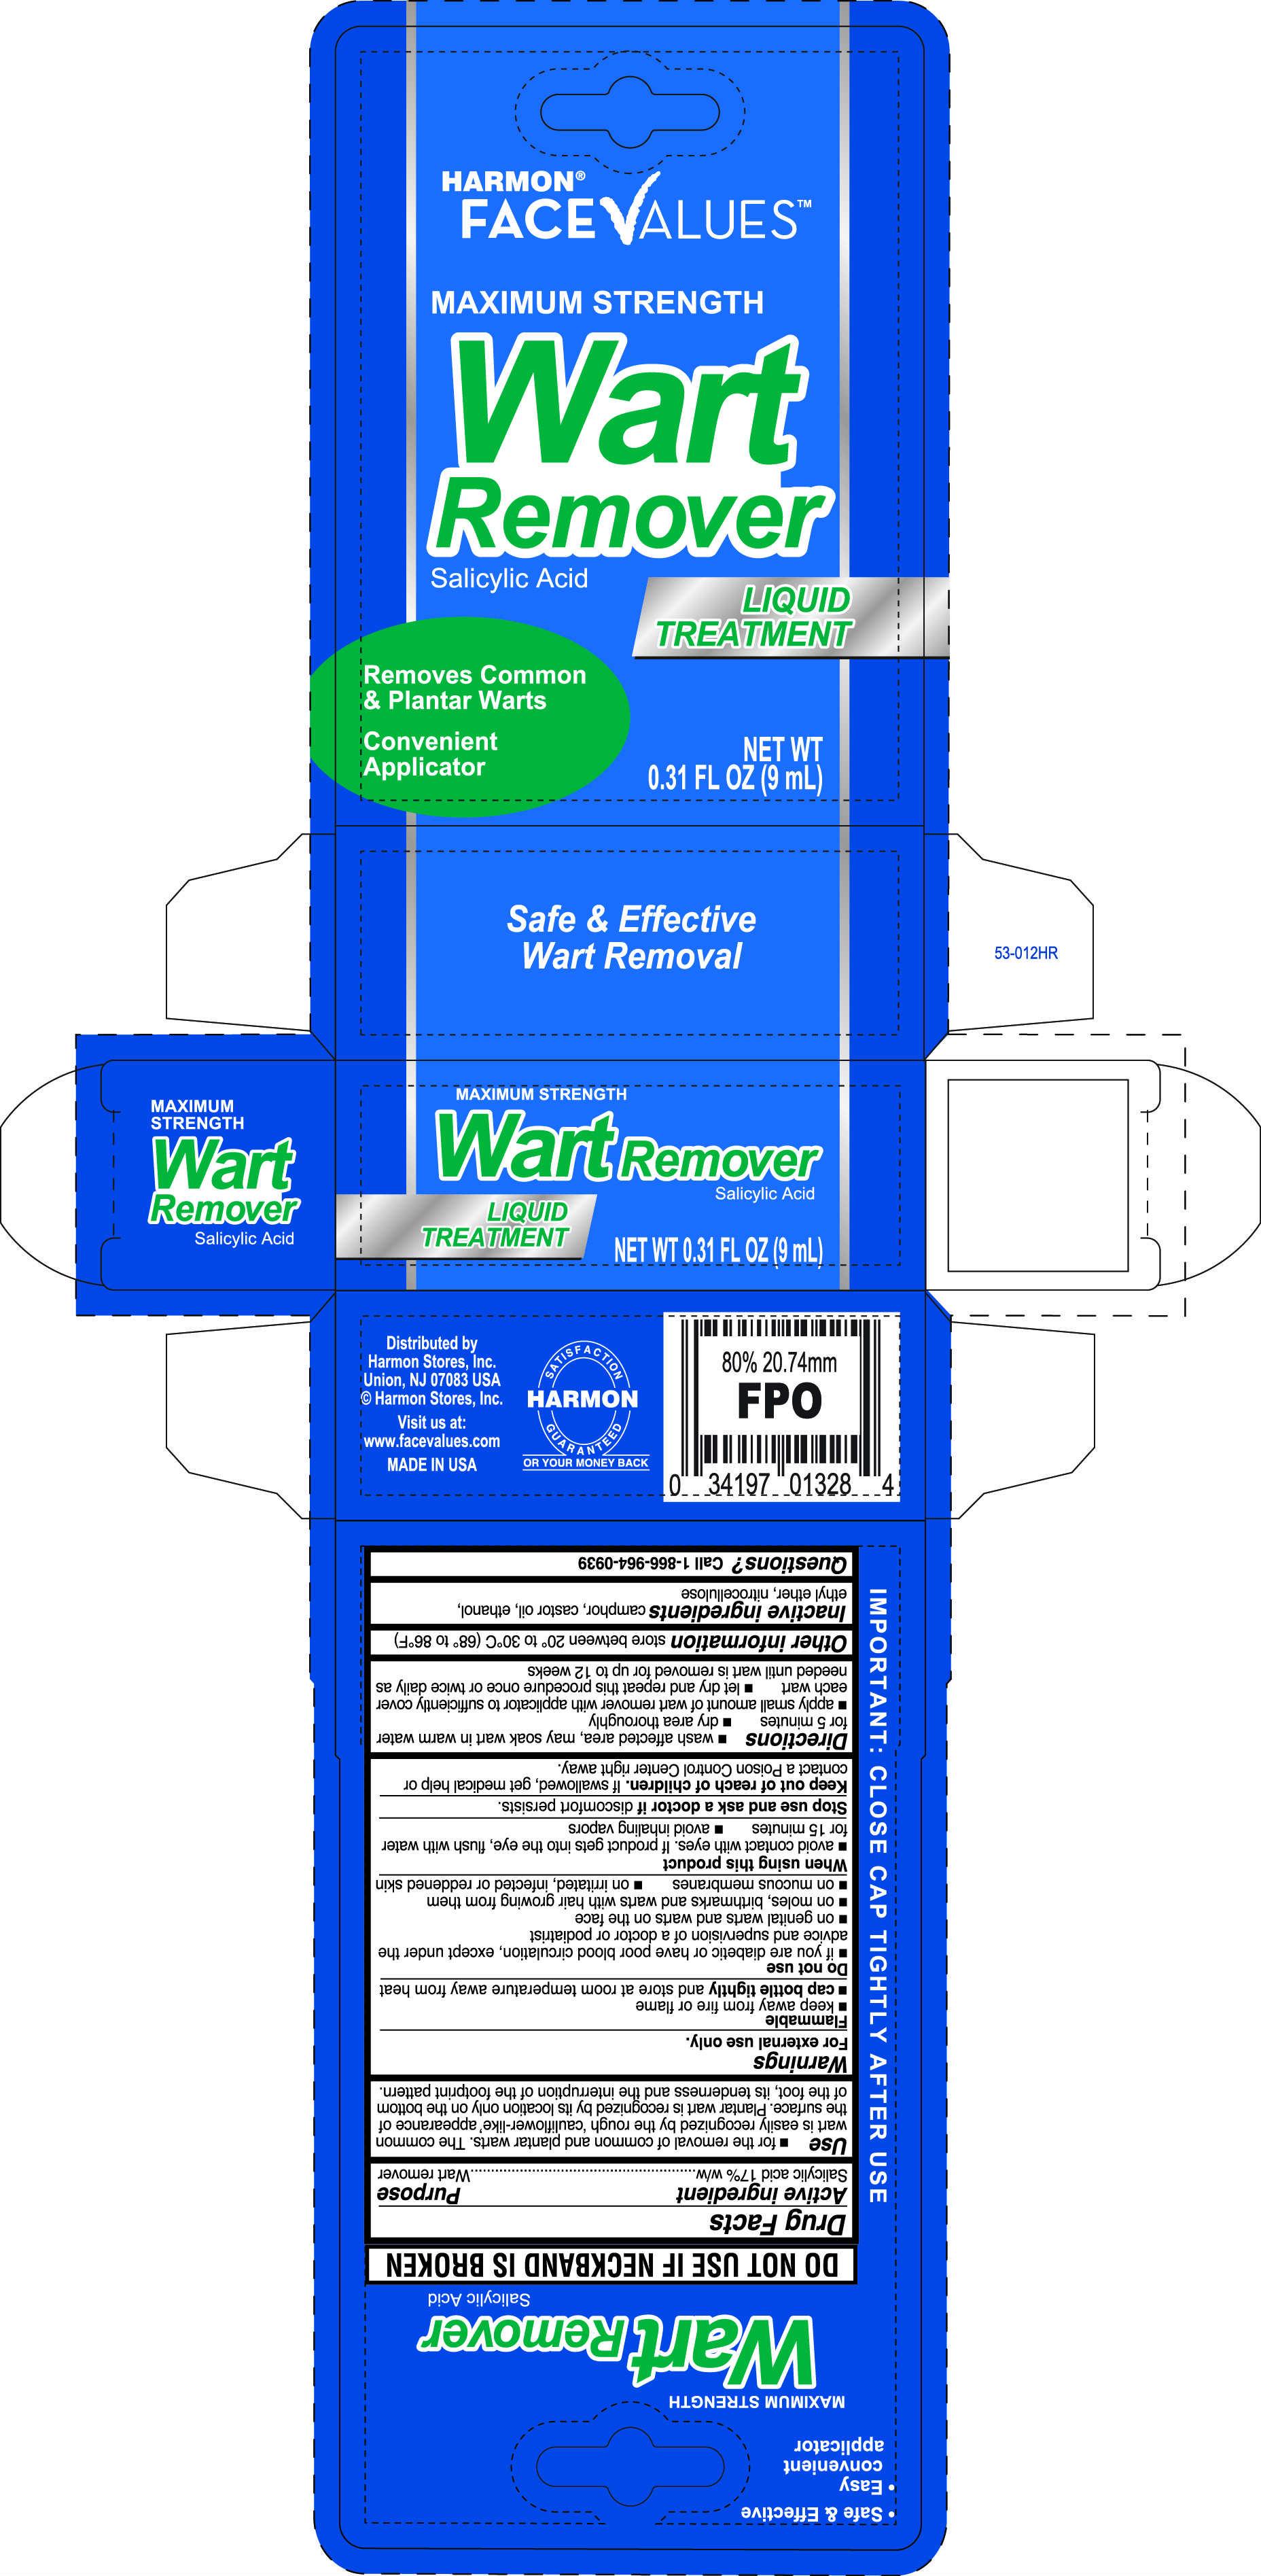 HAR Liq Wart Remover BOX.jpg